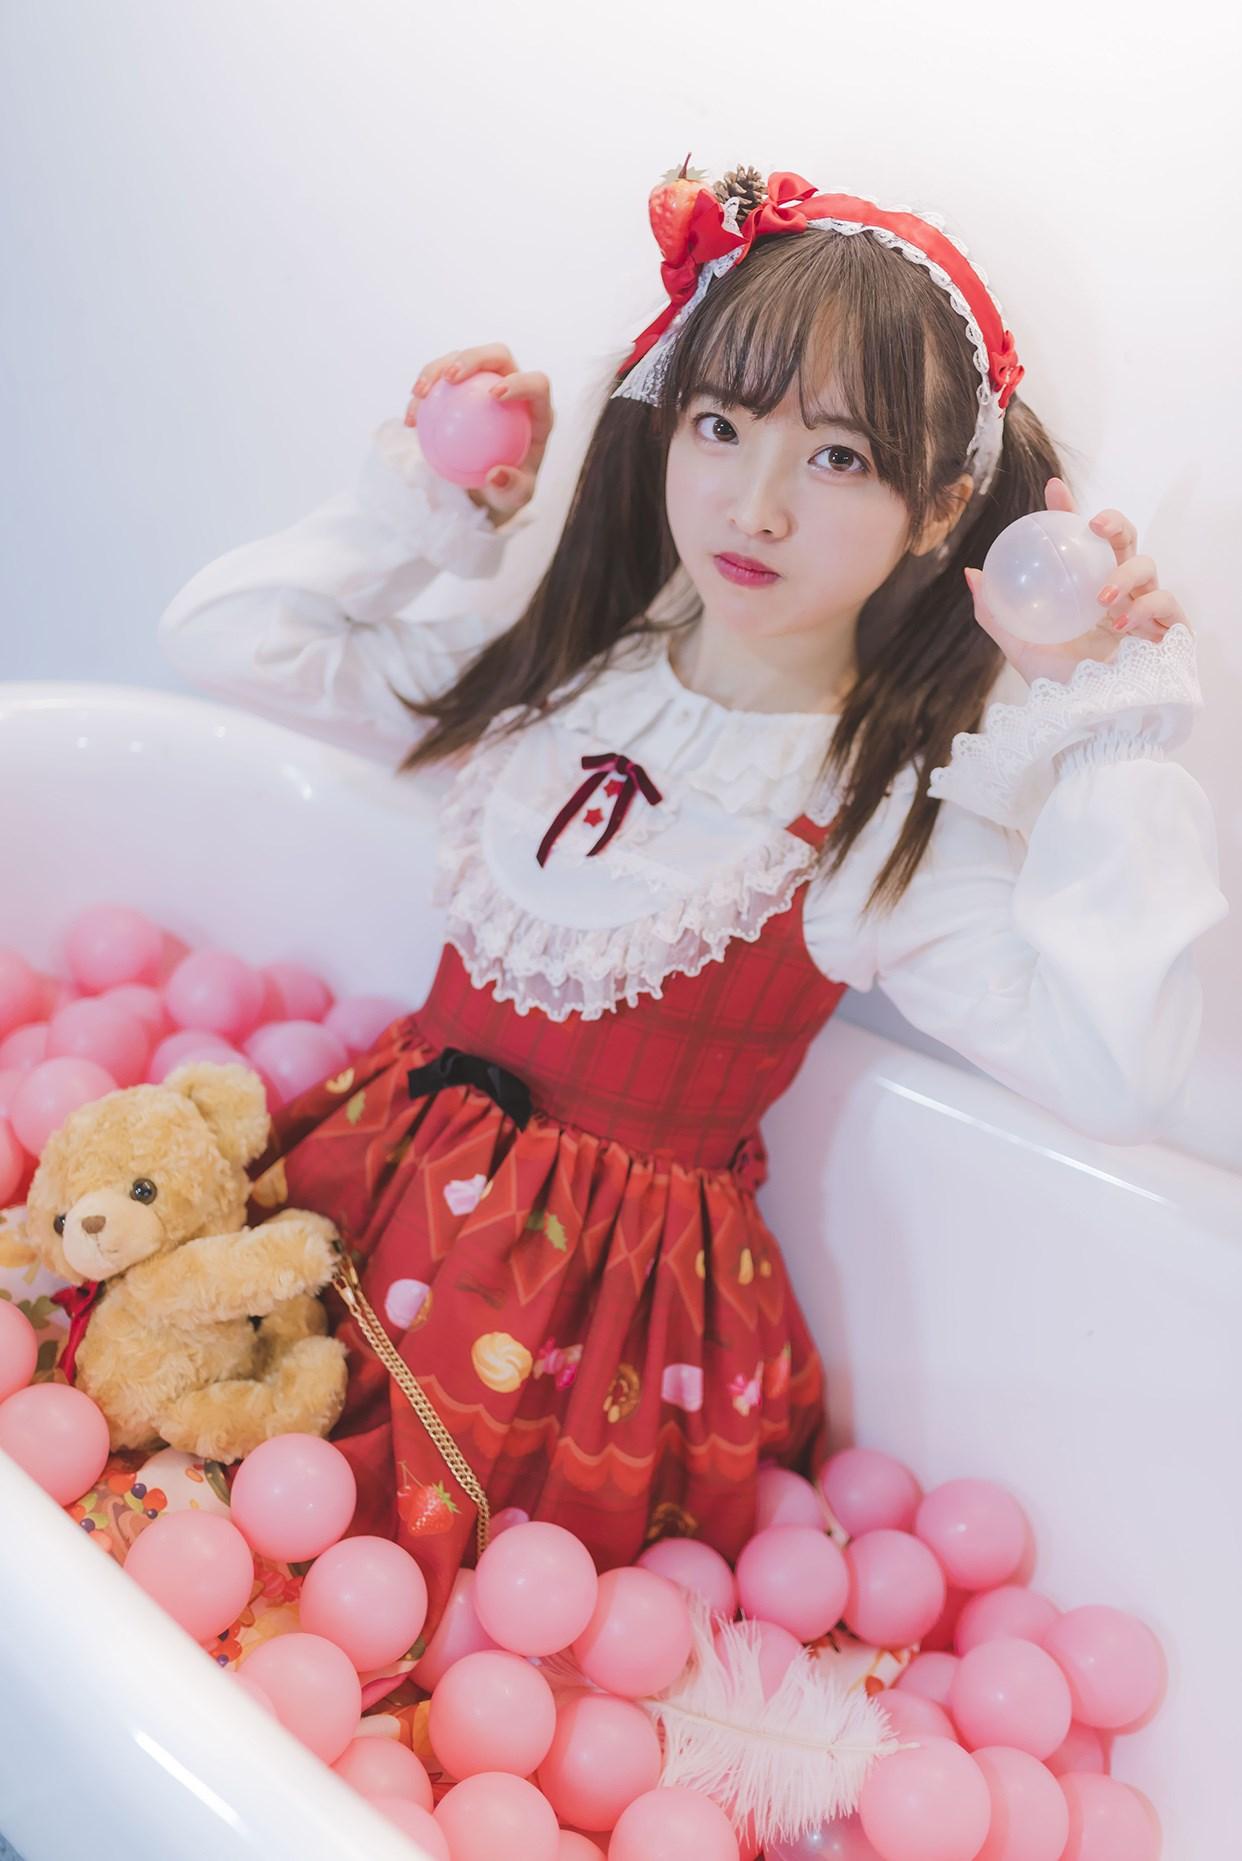 【兔玩映画】一只甜甜的小女友 兔玩映画 第42张